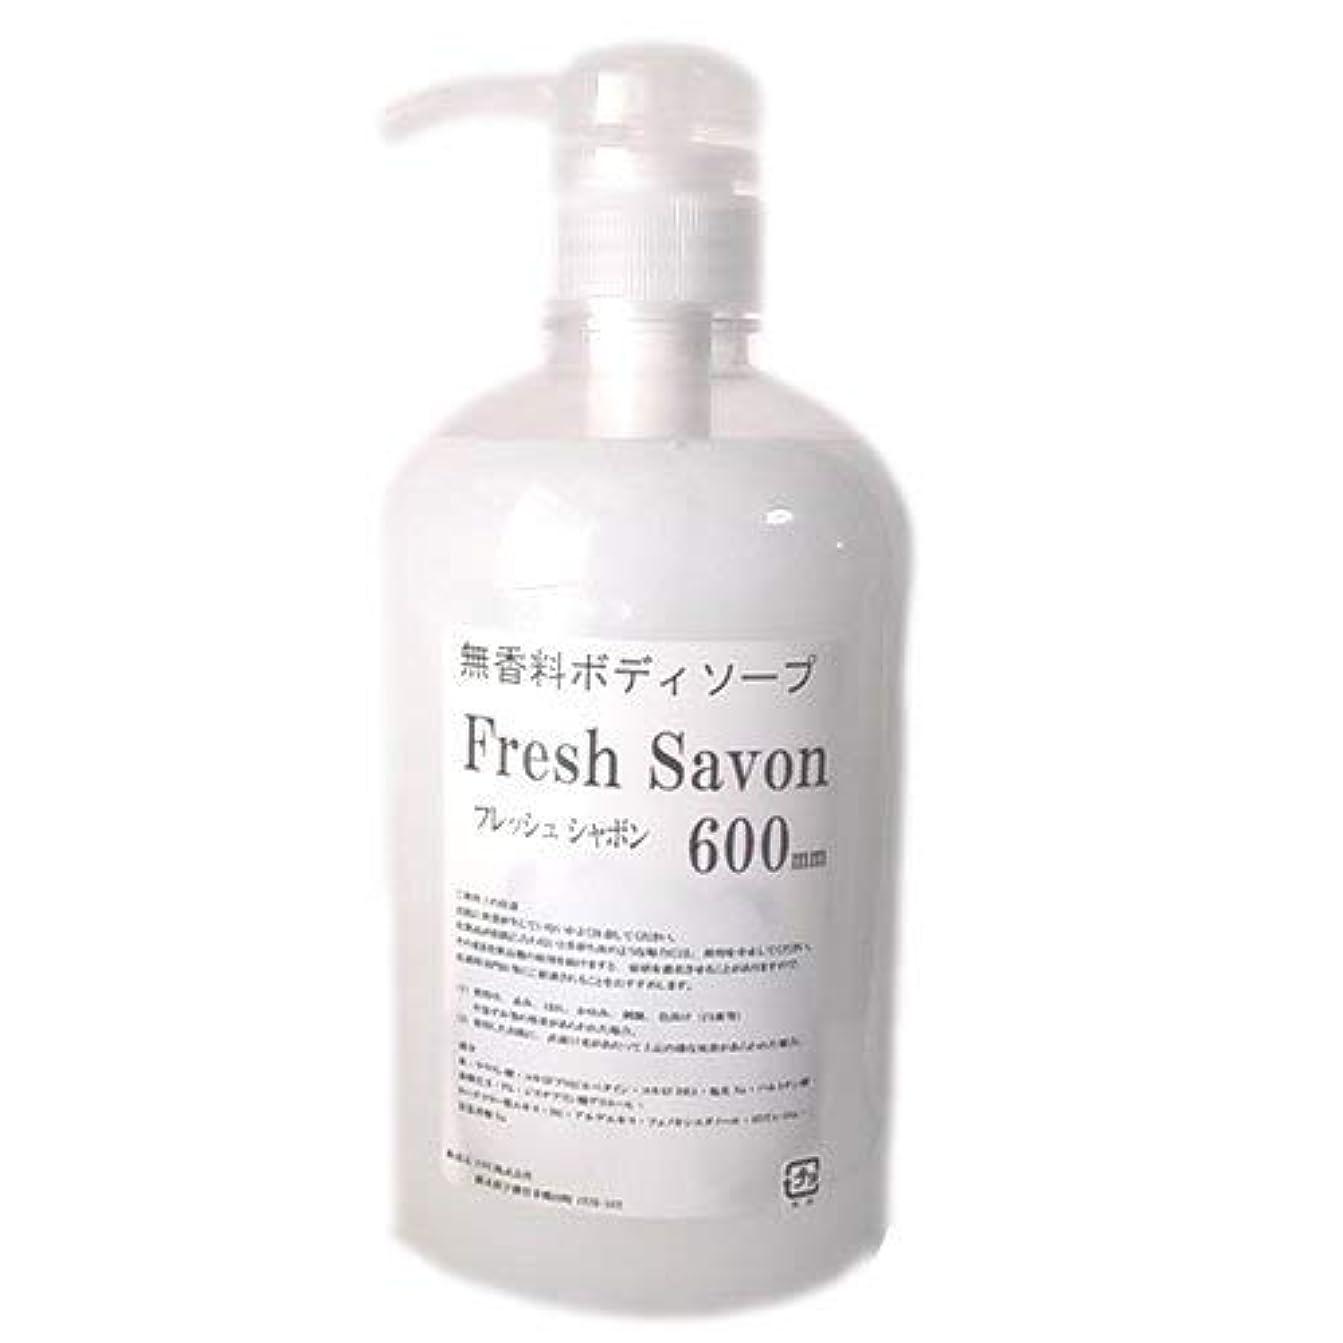 予測子フォルダ規制無香料ボディソープ フレッシュシャボン 600mL 香りが残らないタイプ (3本セット)